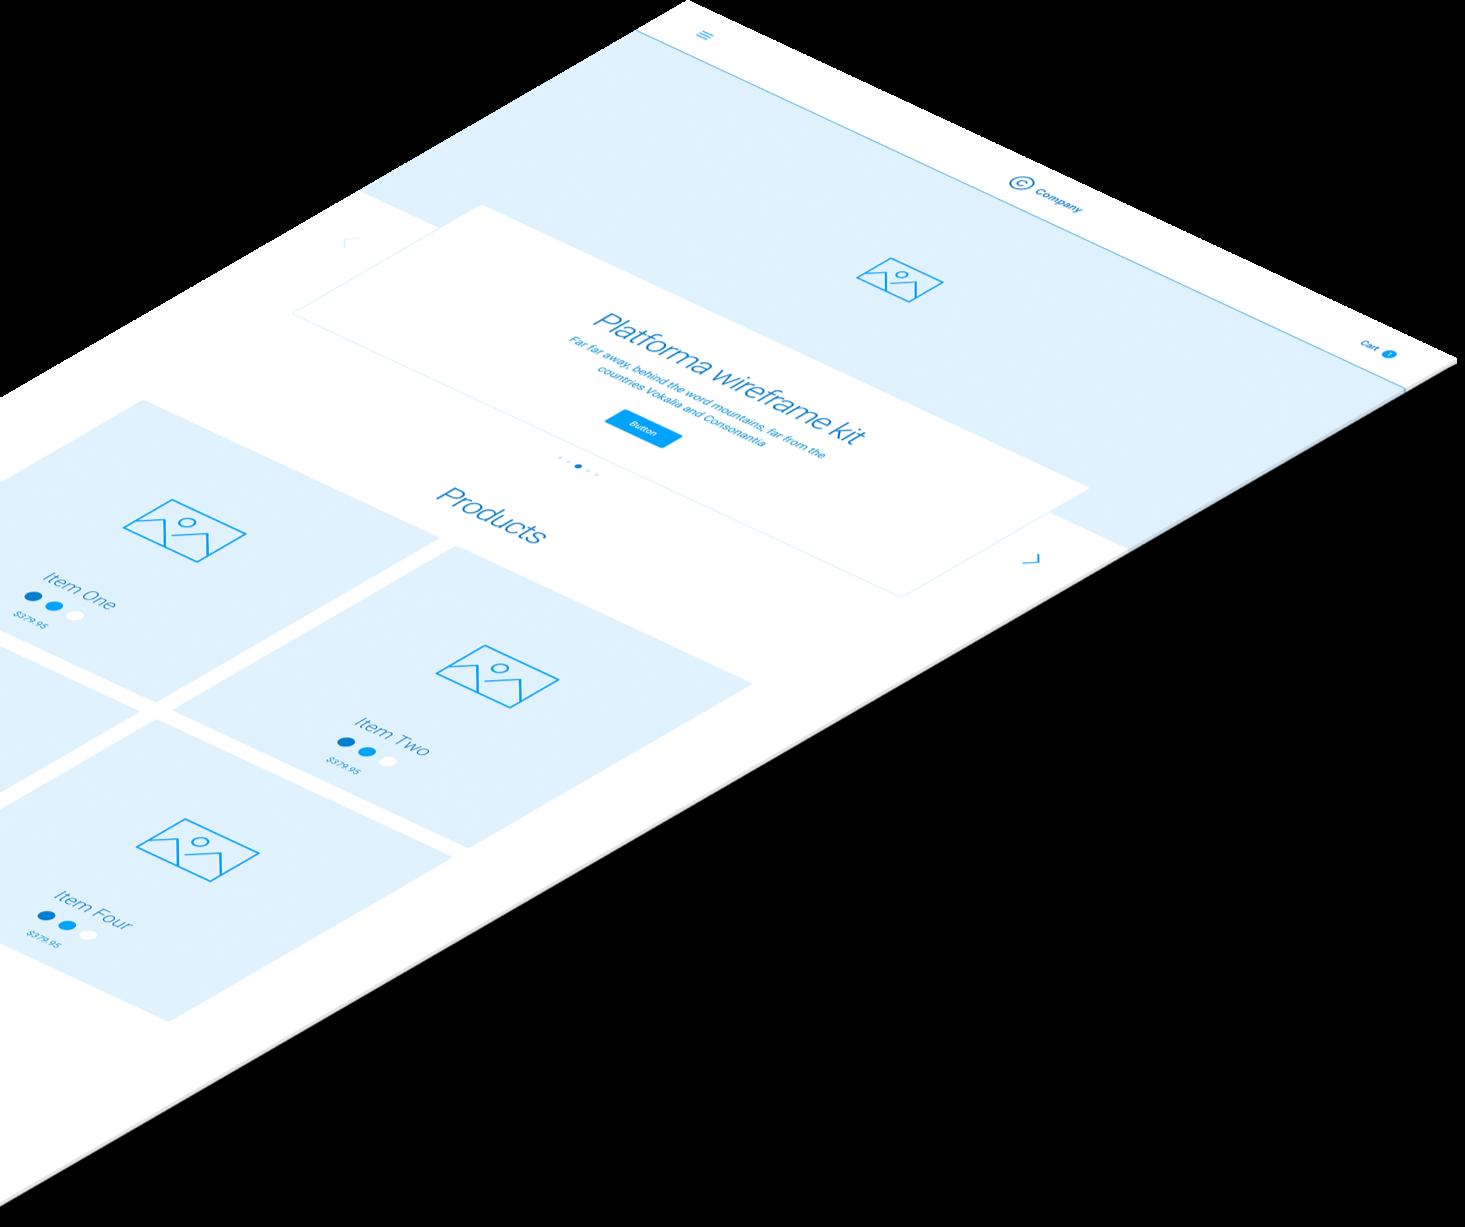 Duplicated Platforma Wireframe Kit